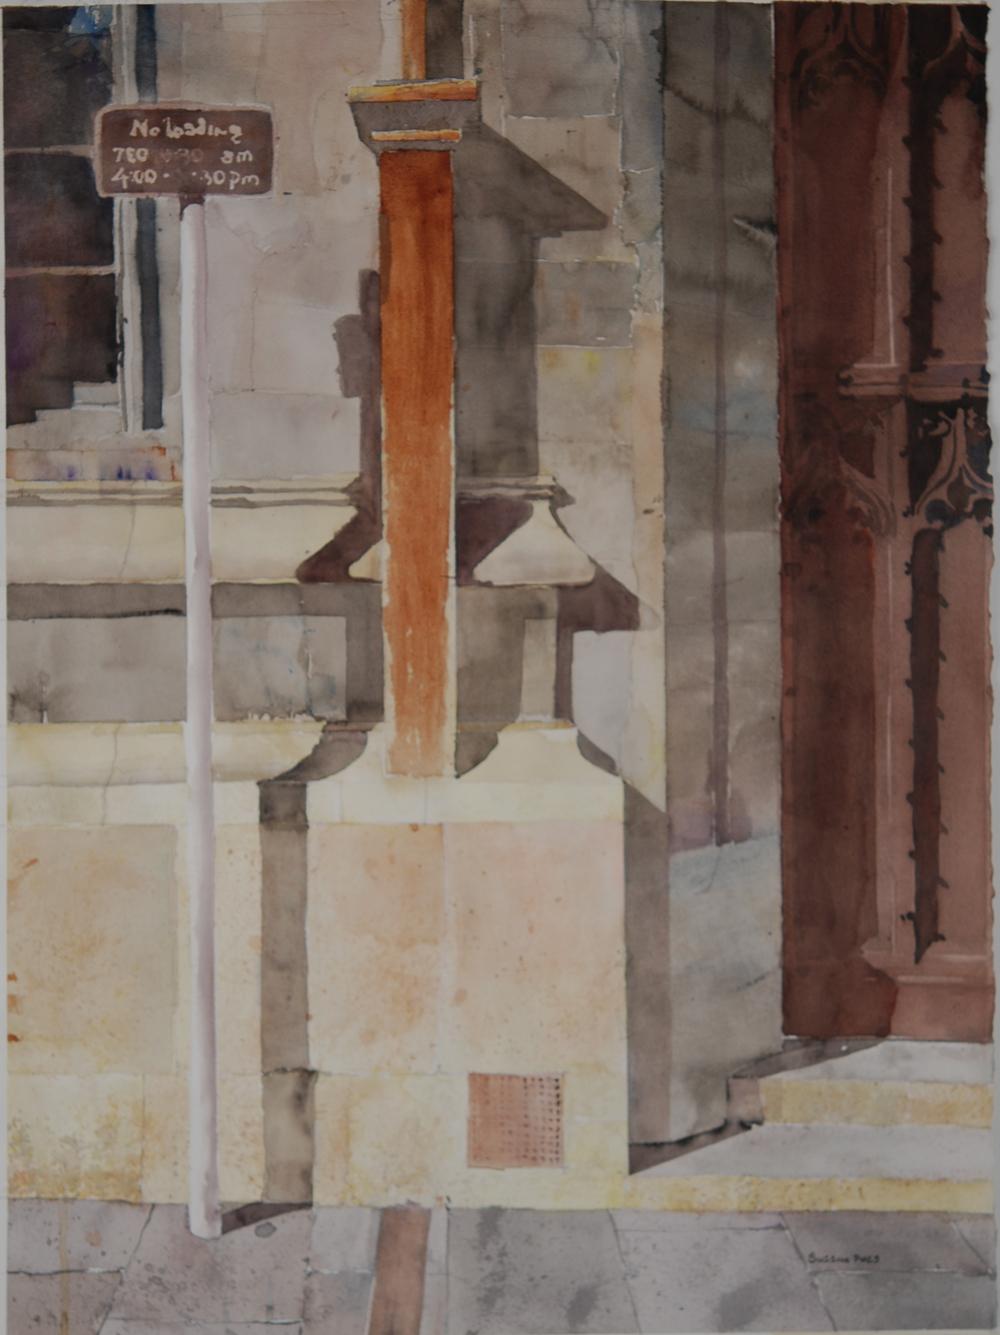 Oxford Facade